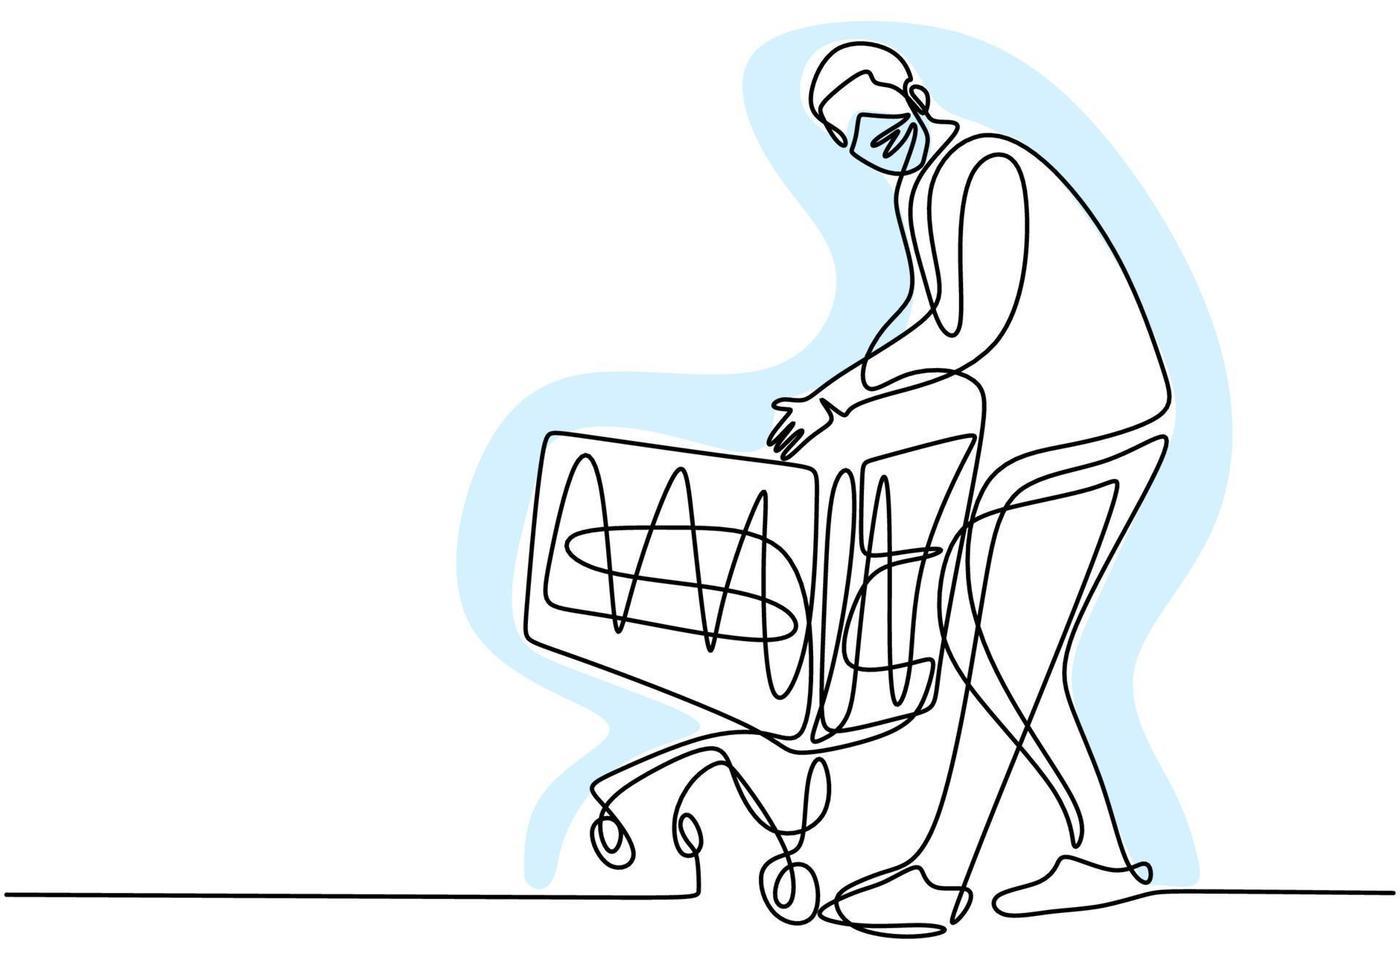 desenho de linha contínua de um homem segurando o carrinho de compras. jovem macho em pé enquanto compra comida no supermercado com máscara protetora para não espalhar covid19. nova transição normal vetor